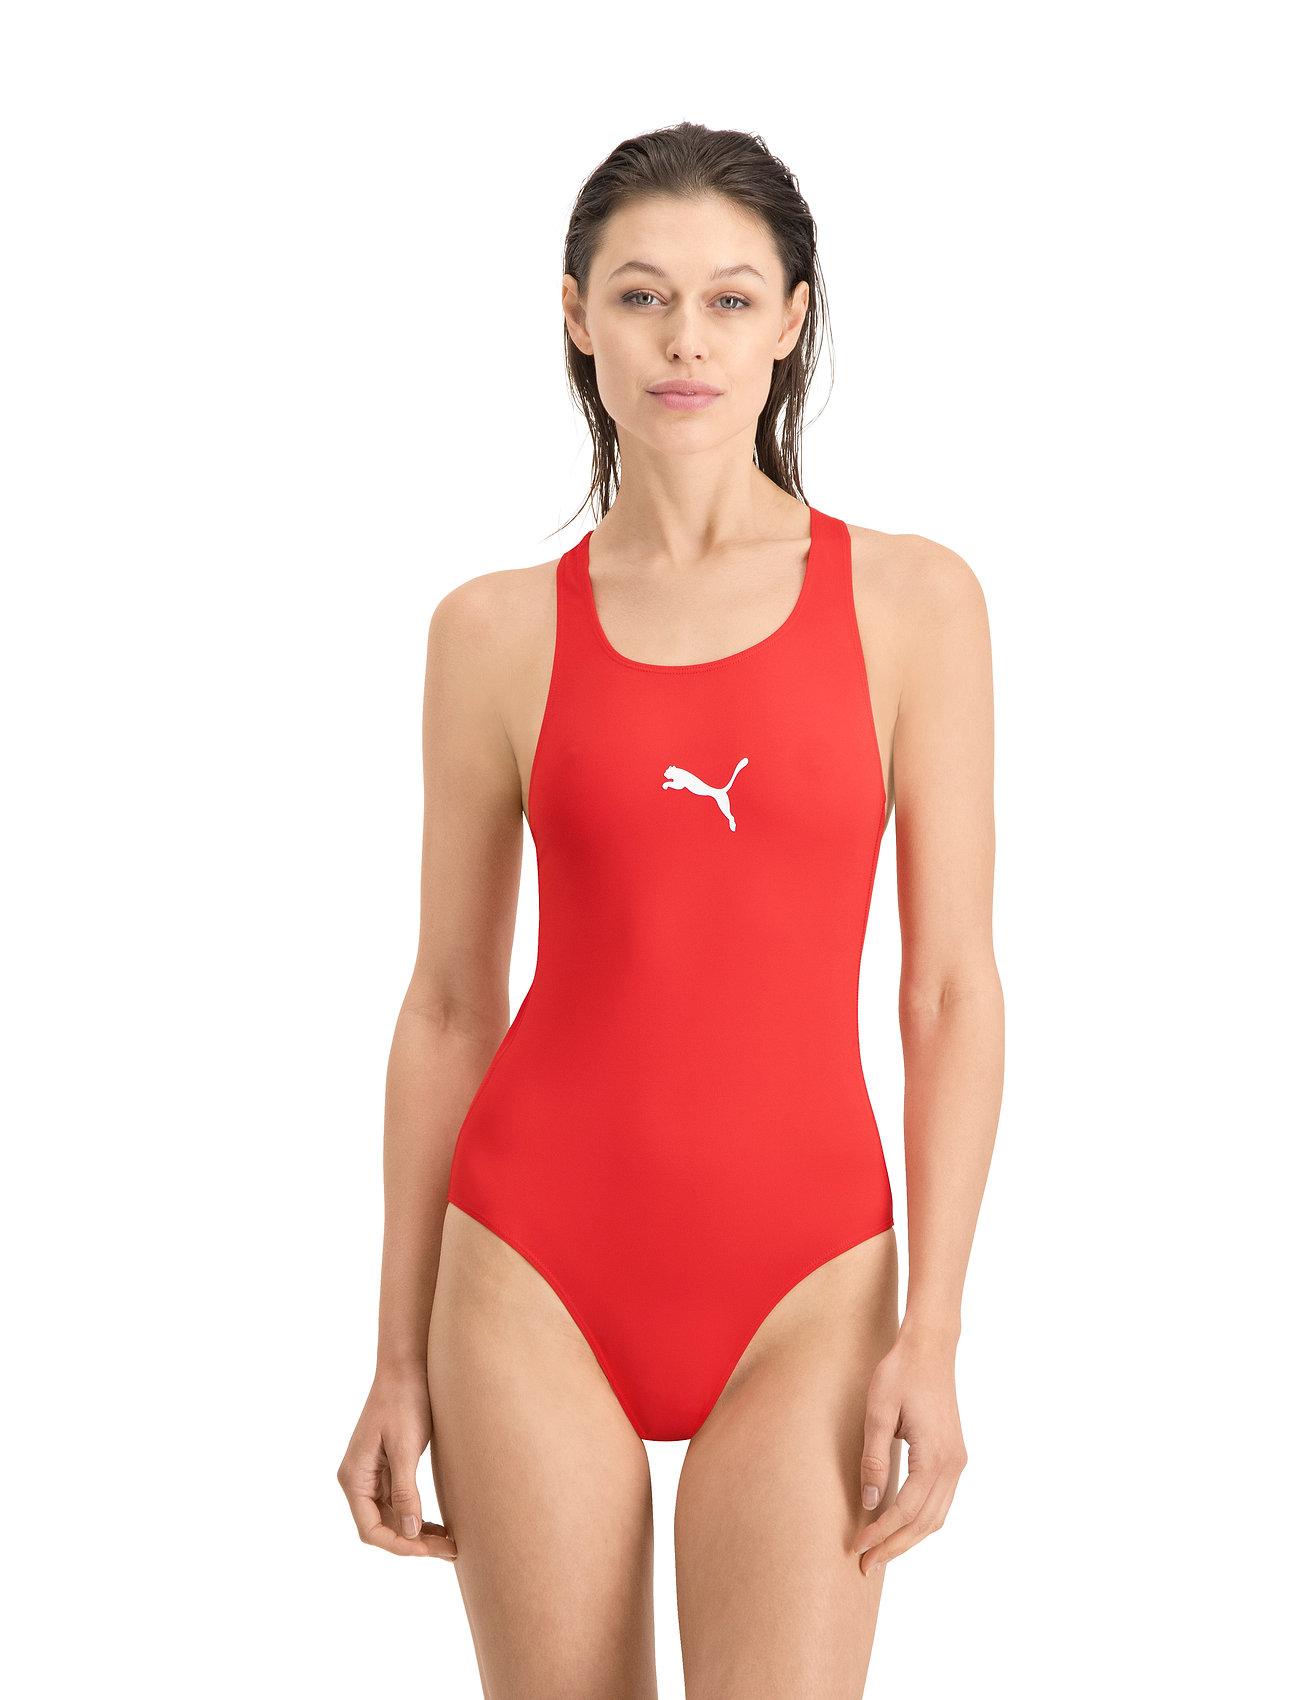 Puma Swim - PUMA SWIM WOMEN RACERBACK SWIMSUIT - stroje kąpielowe - red - 0